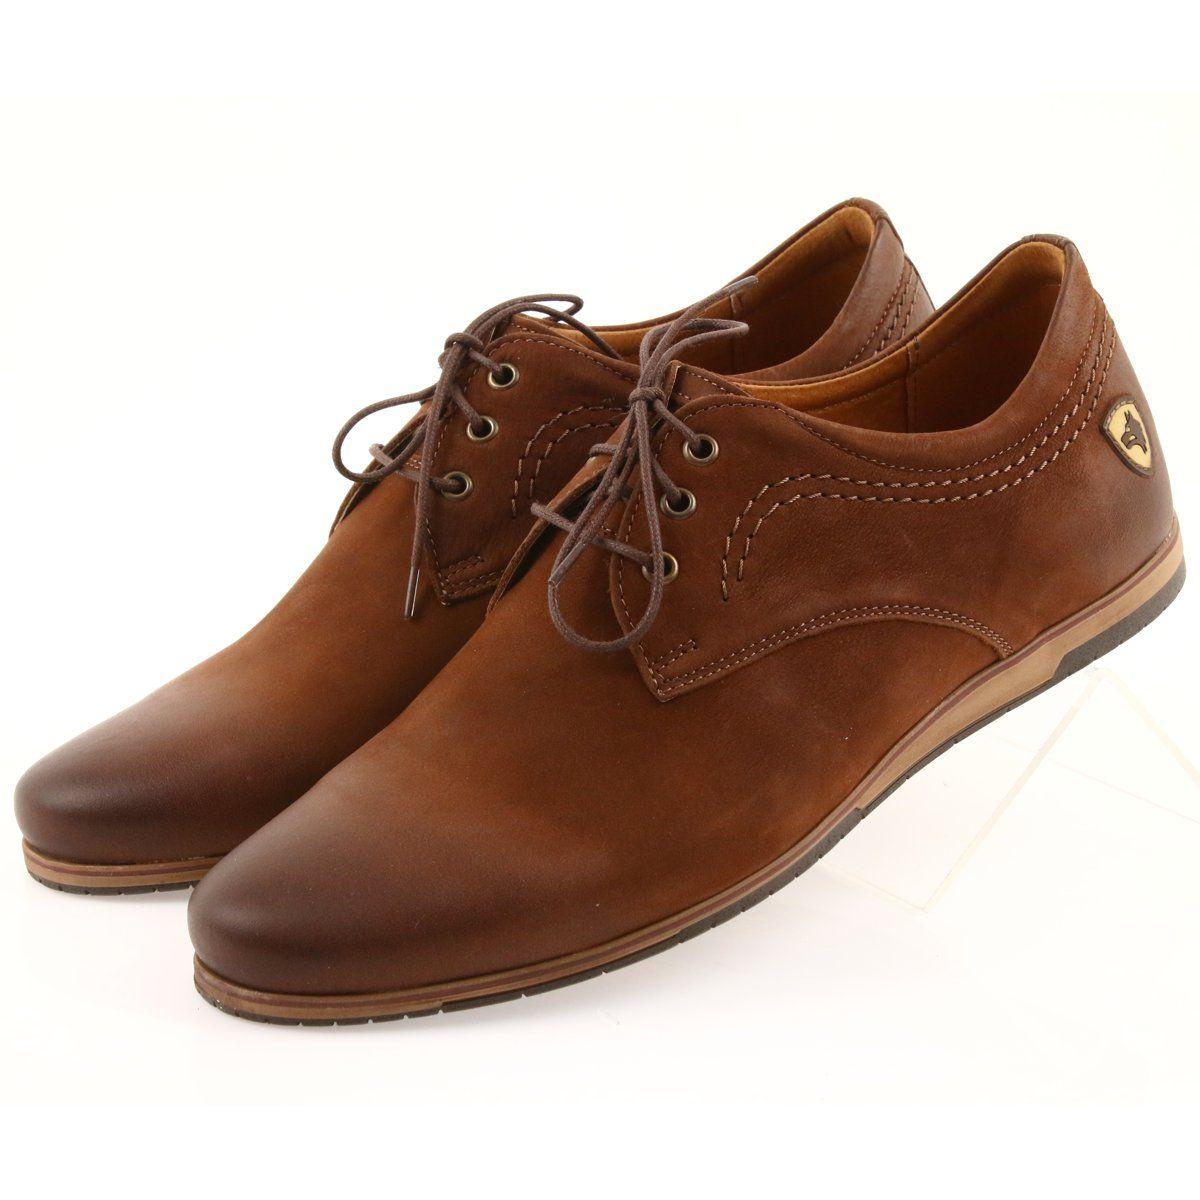 Riko Polbuty Buty Meskie Sportowe 877 Brazowe Dress Shoes Men Shoes Sports Shoes